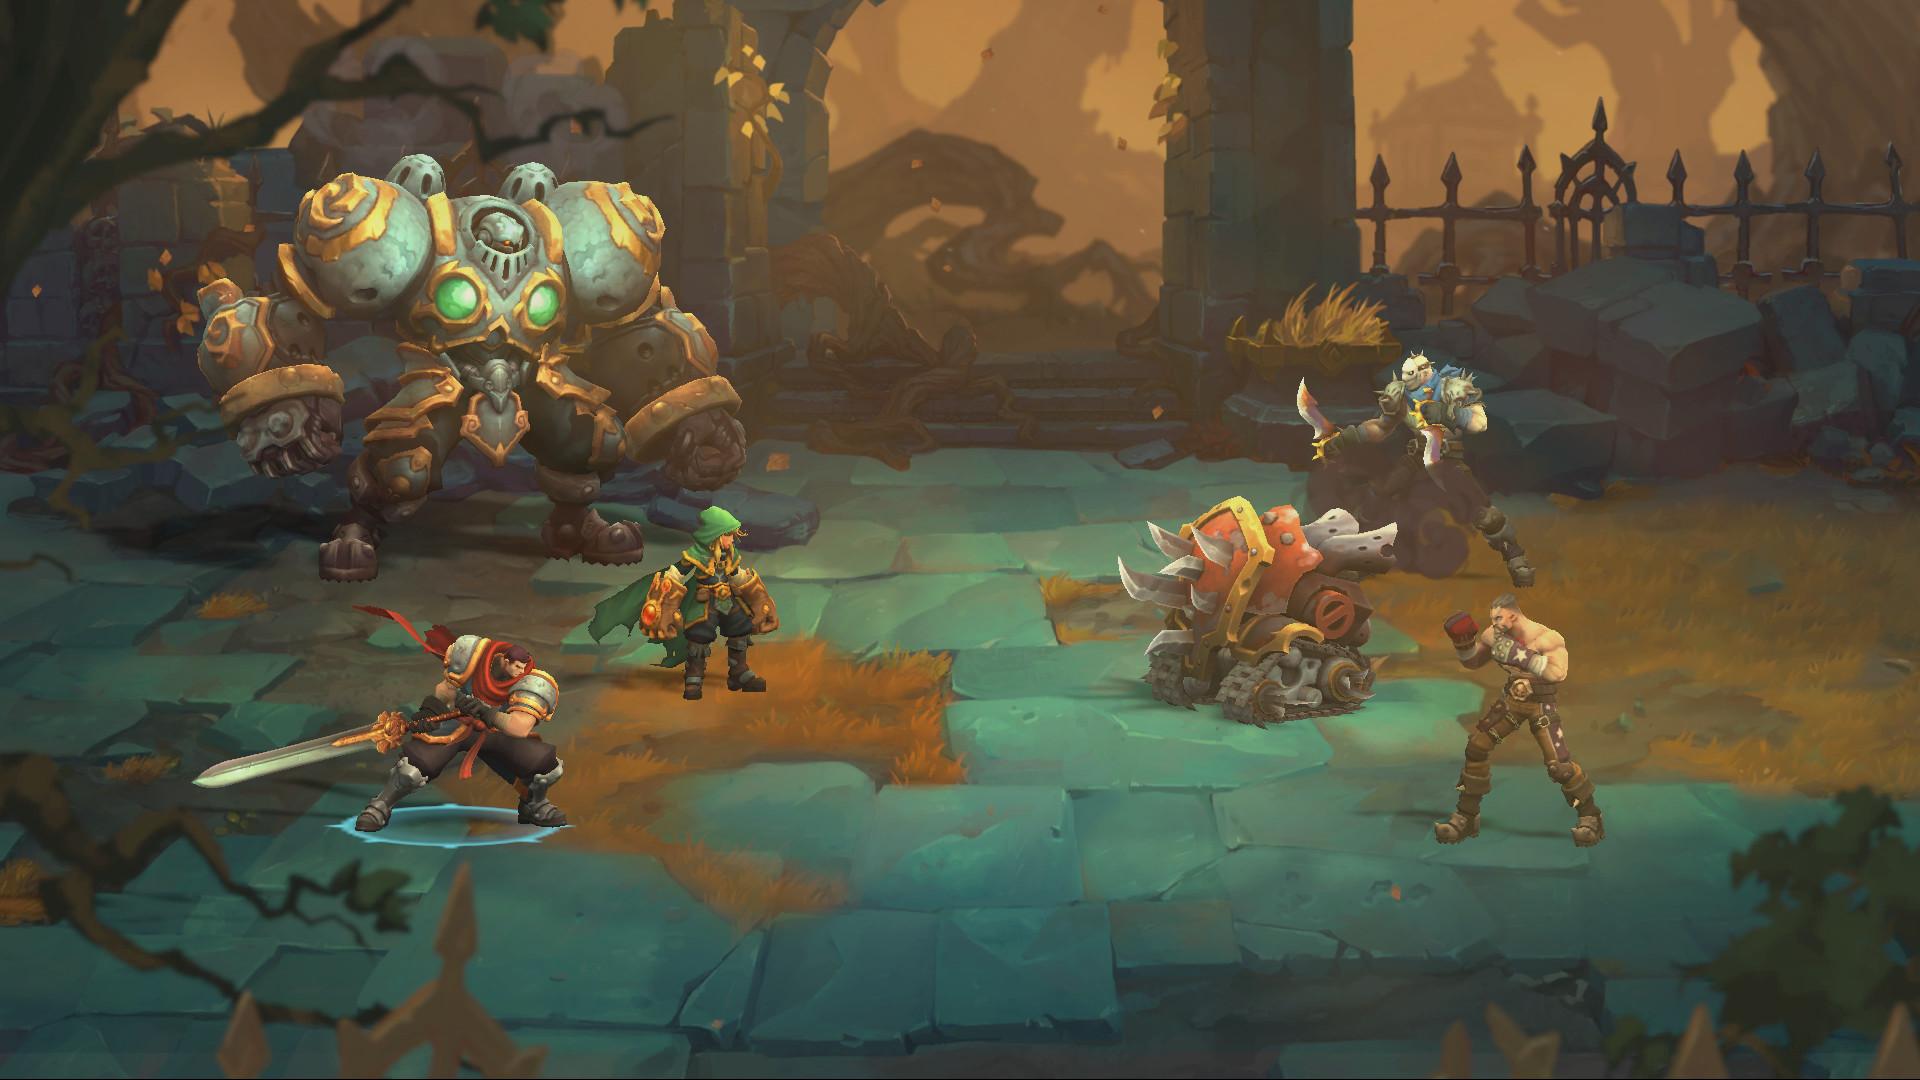 战神:夜袭 Battle Chasers:Nightwar Mac 破解版 回合制战斗的角色扮演游戏